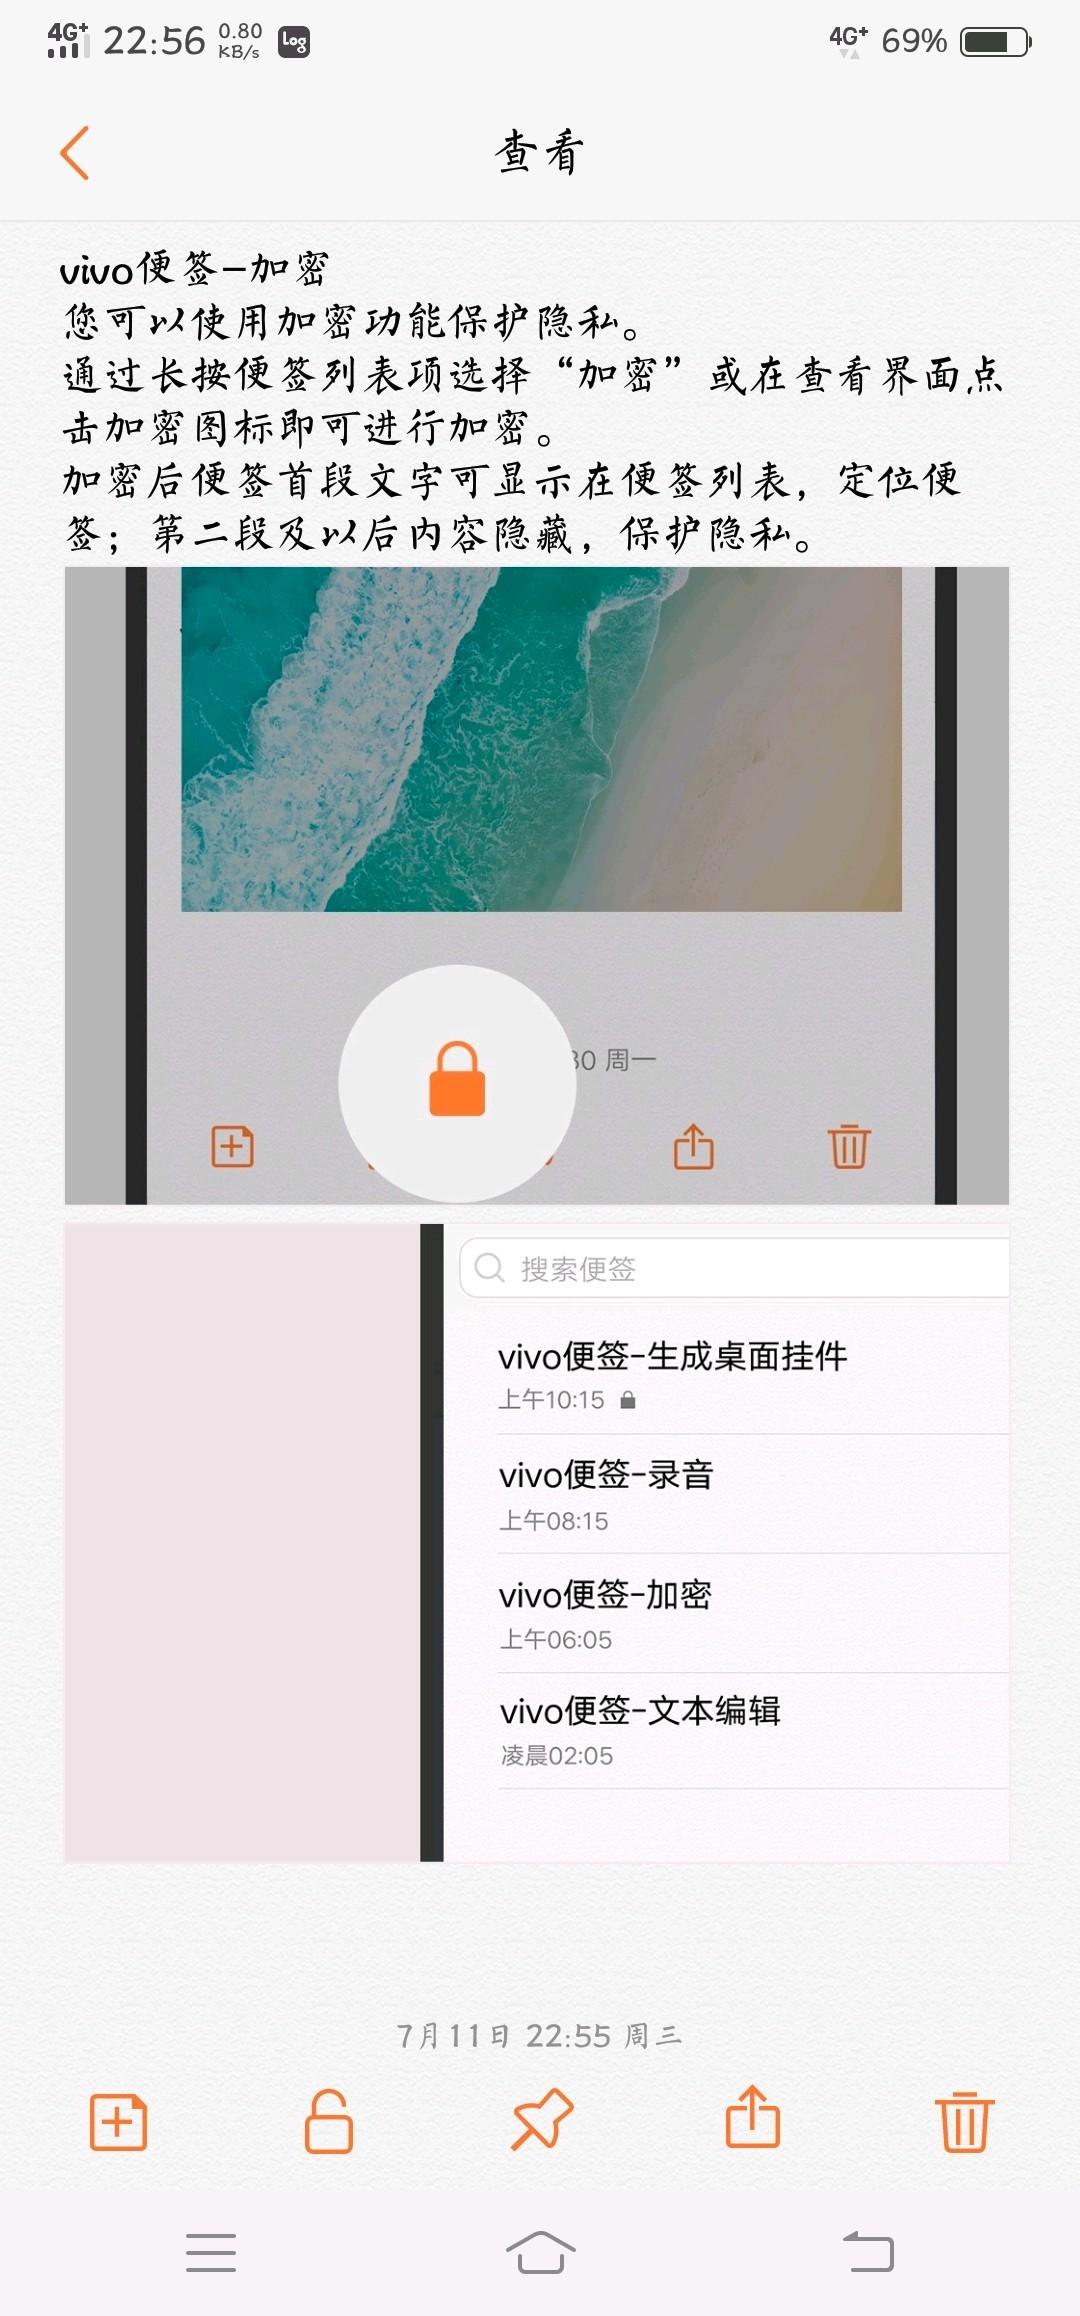 Screenshot_20180711_225600.jpg